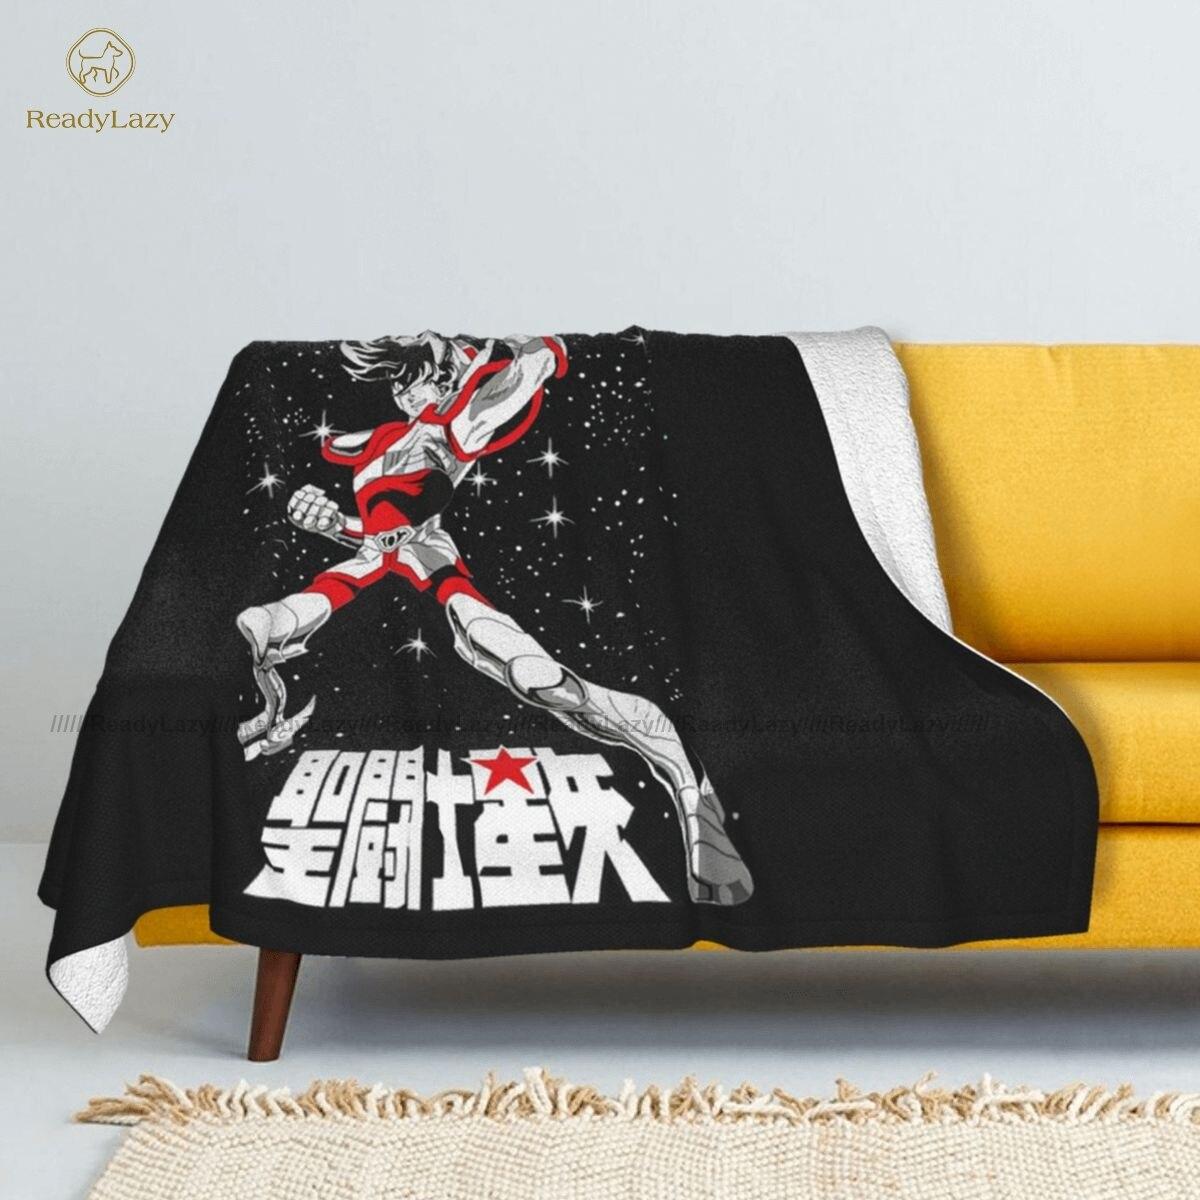 Seiya بطانية أريكة, بطانية ناعمة ملونة رخيصة مفرش سرير من الصوف شيربا